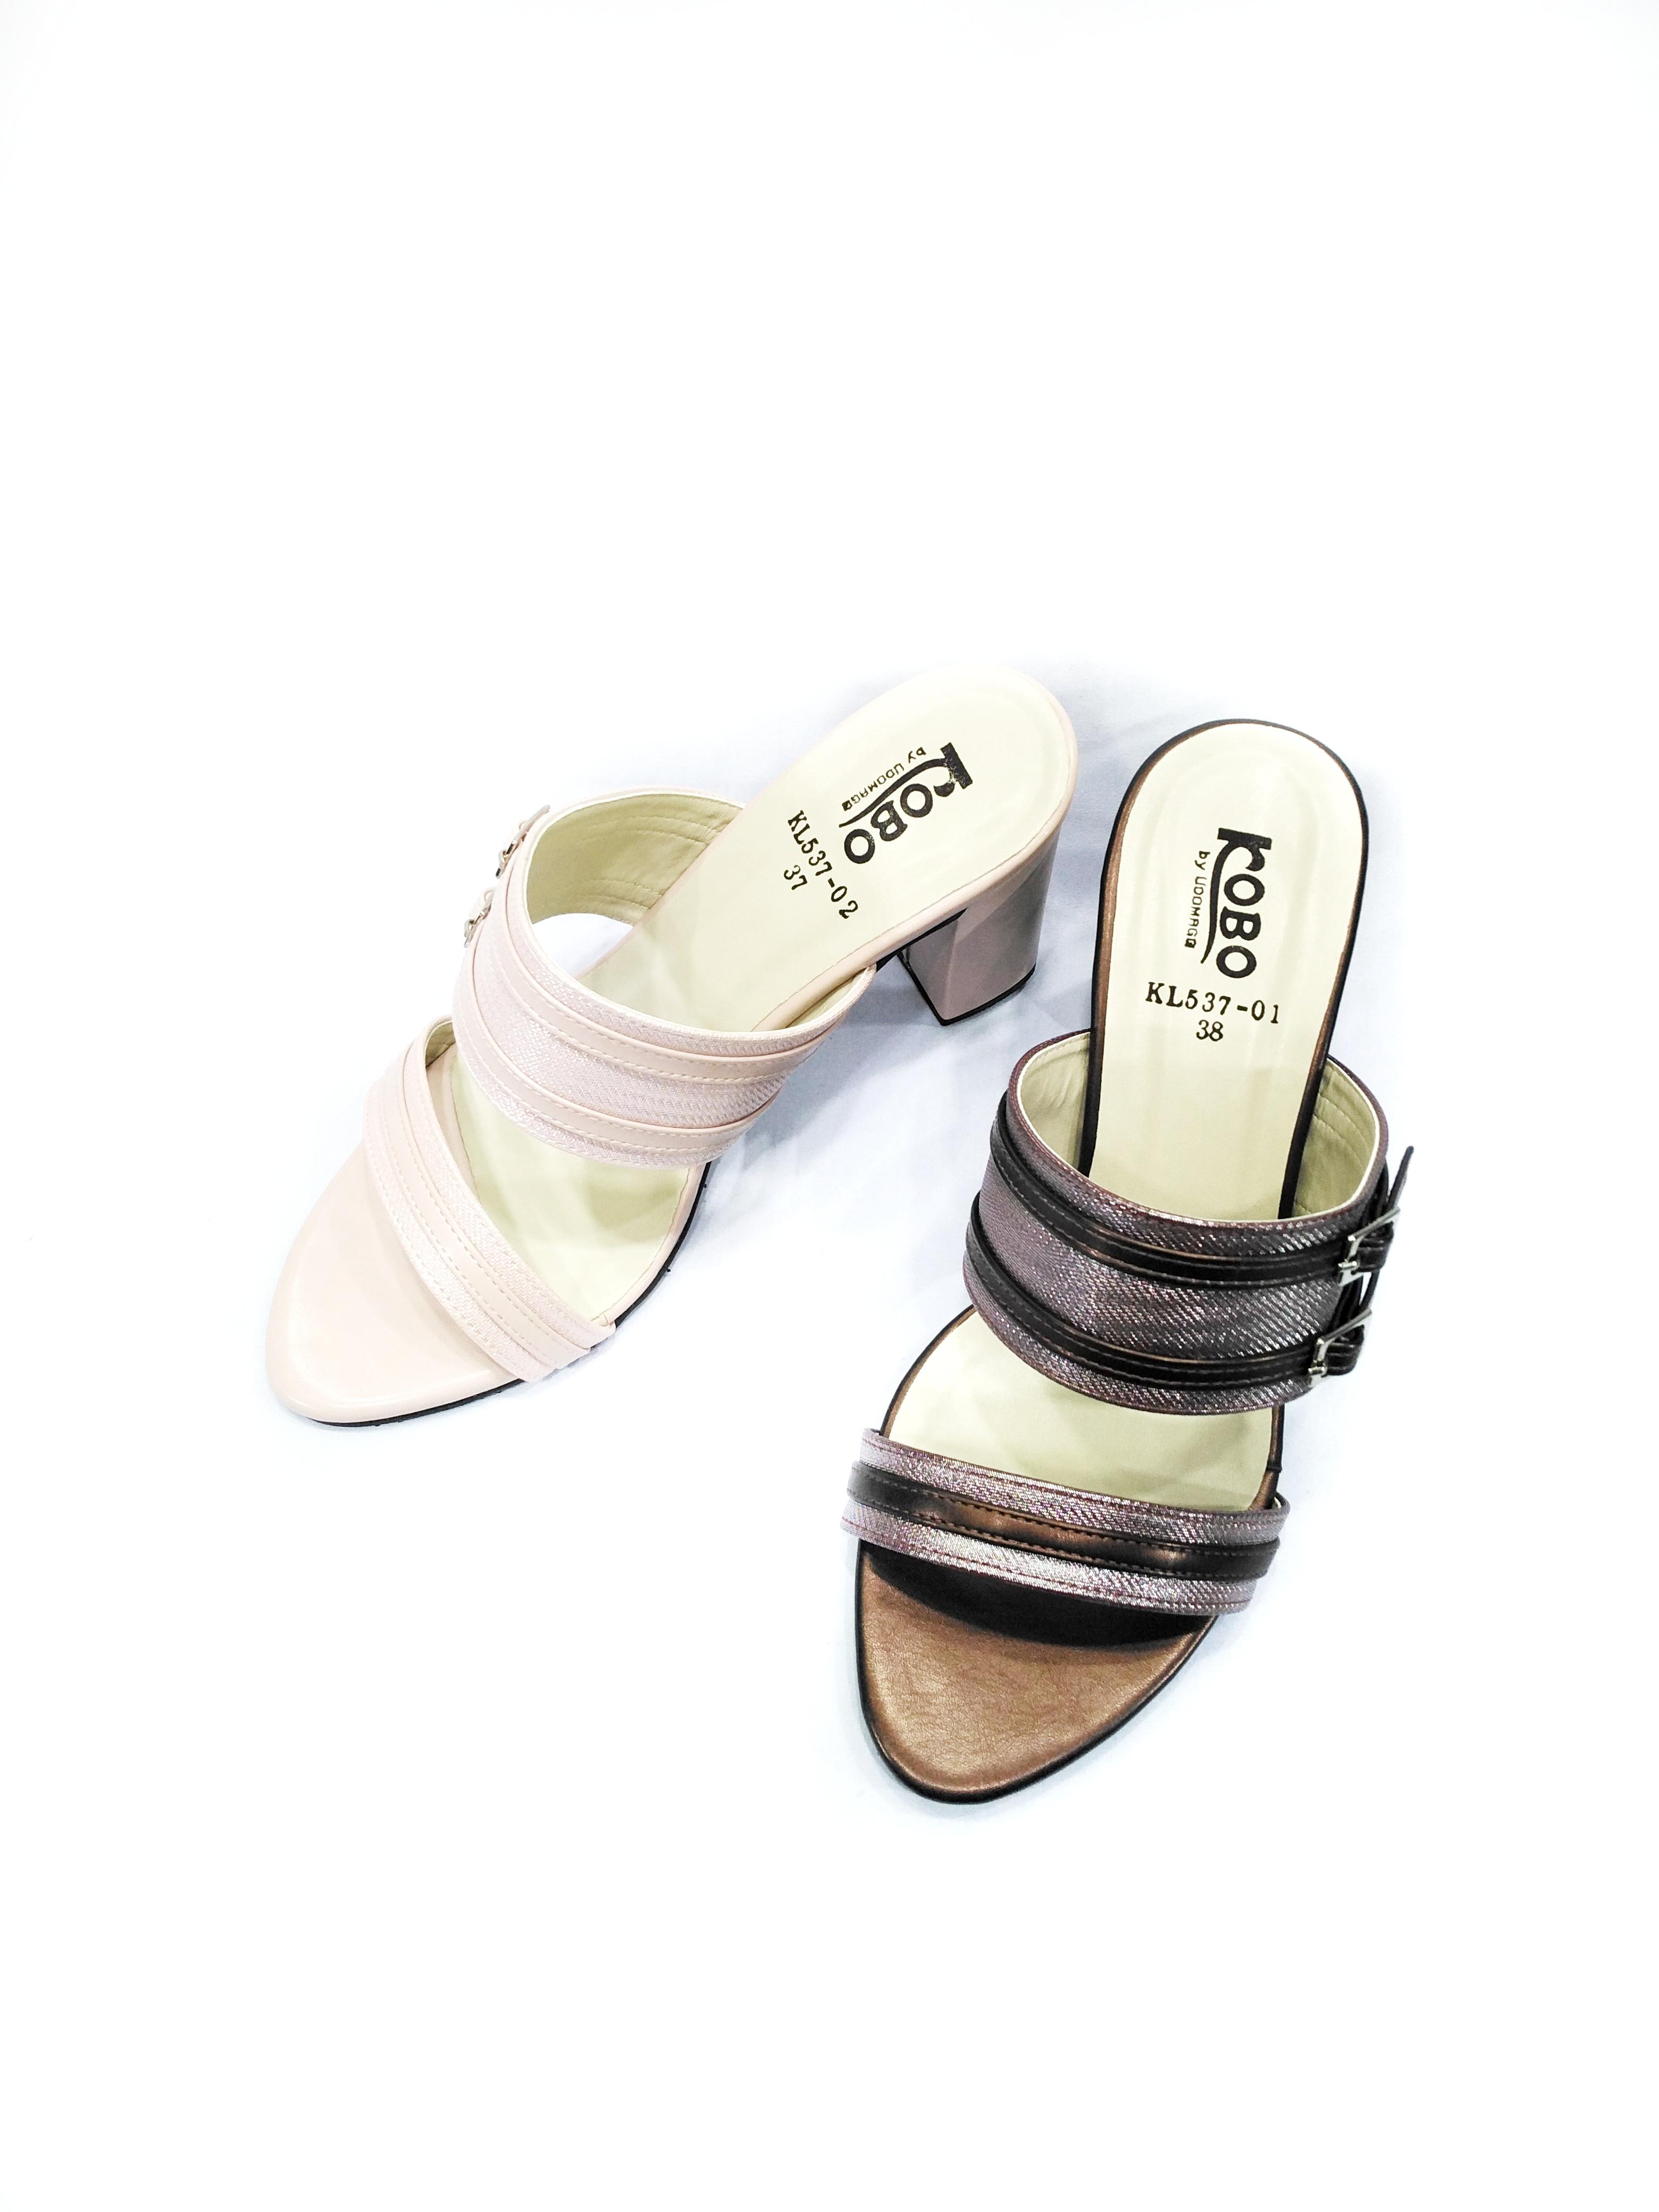 UDOMAGG รองเท้าแฟชั่นหญิง รุ่น KL537